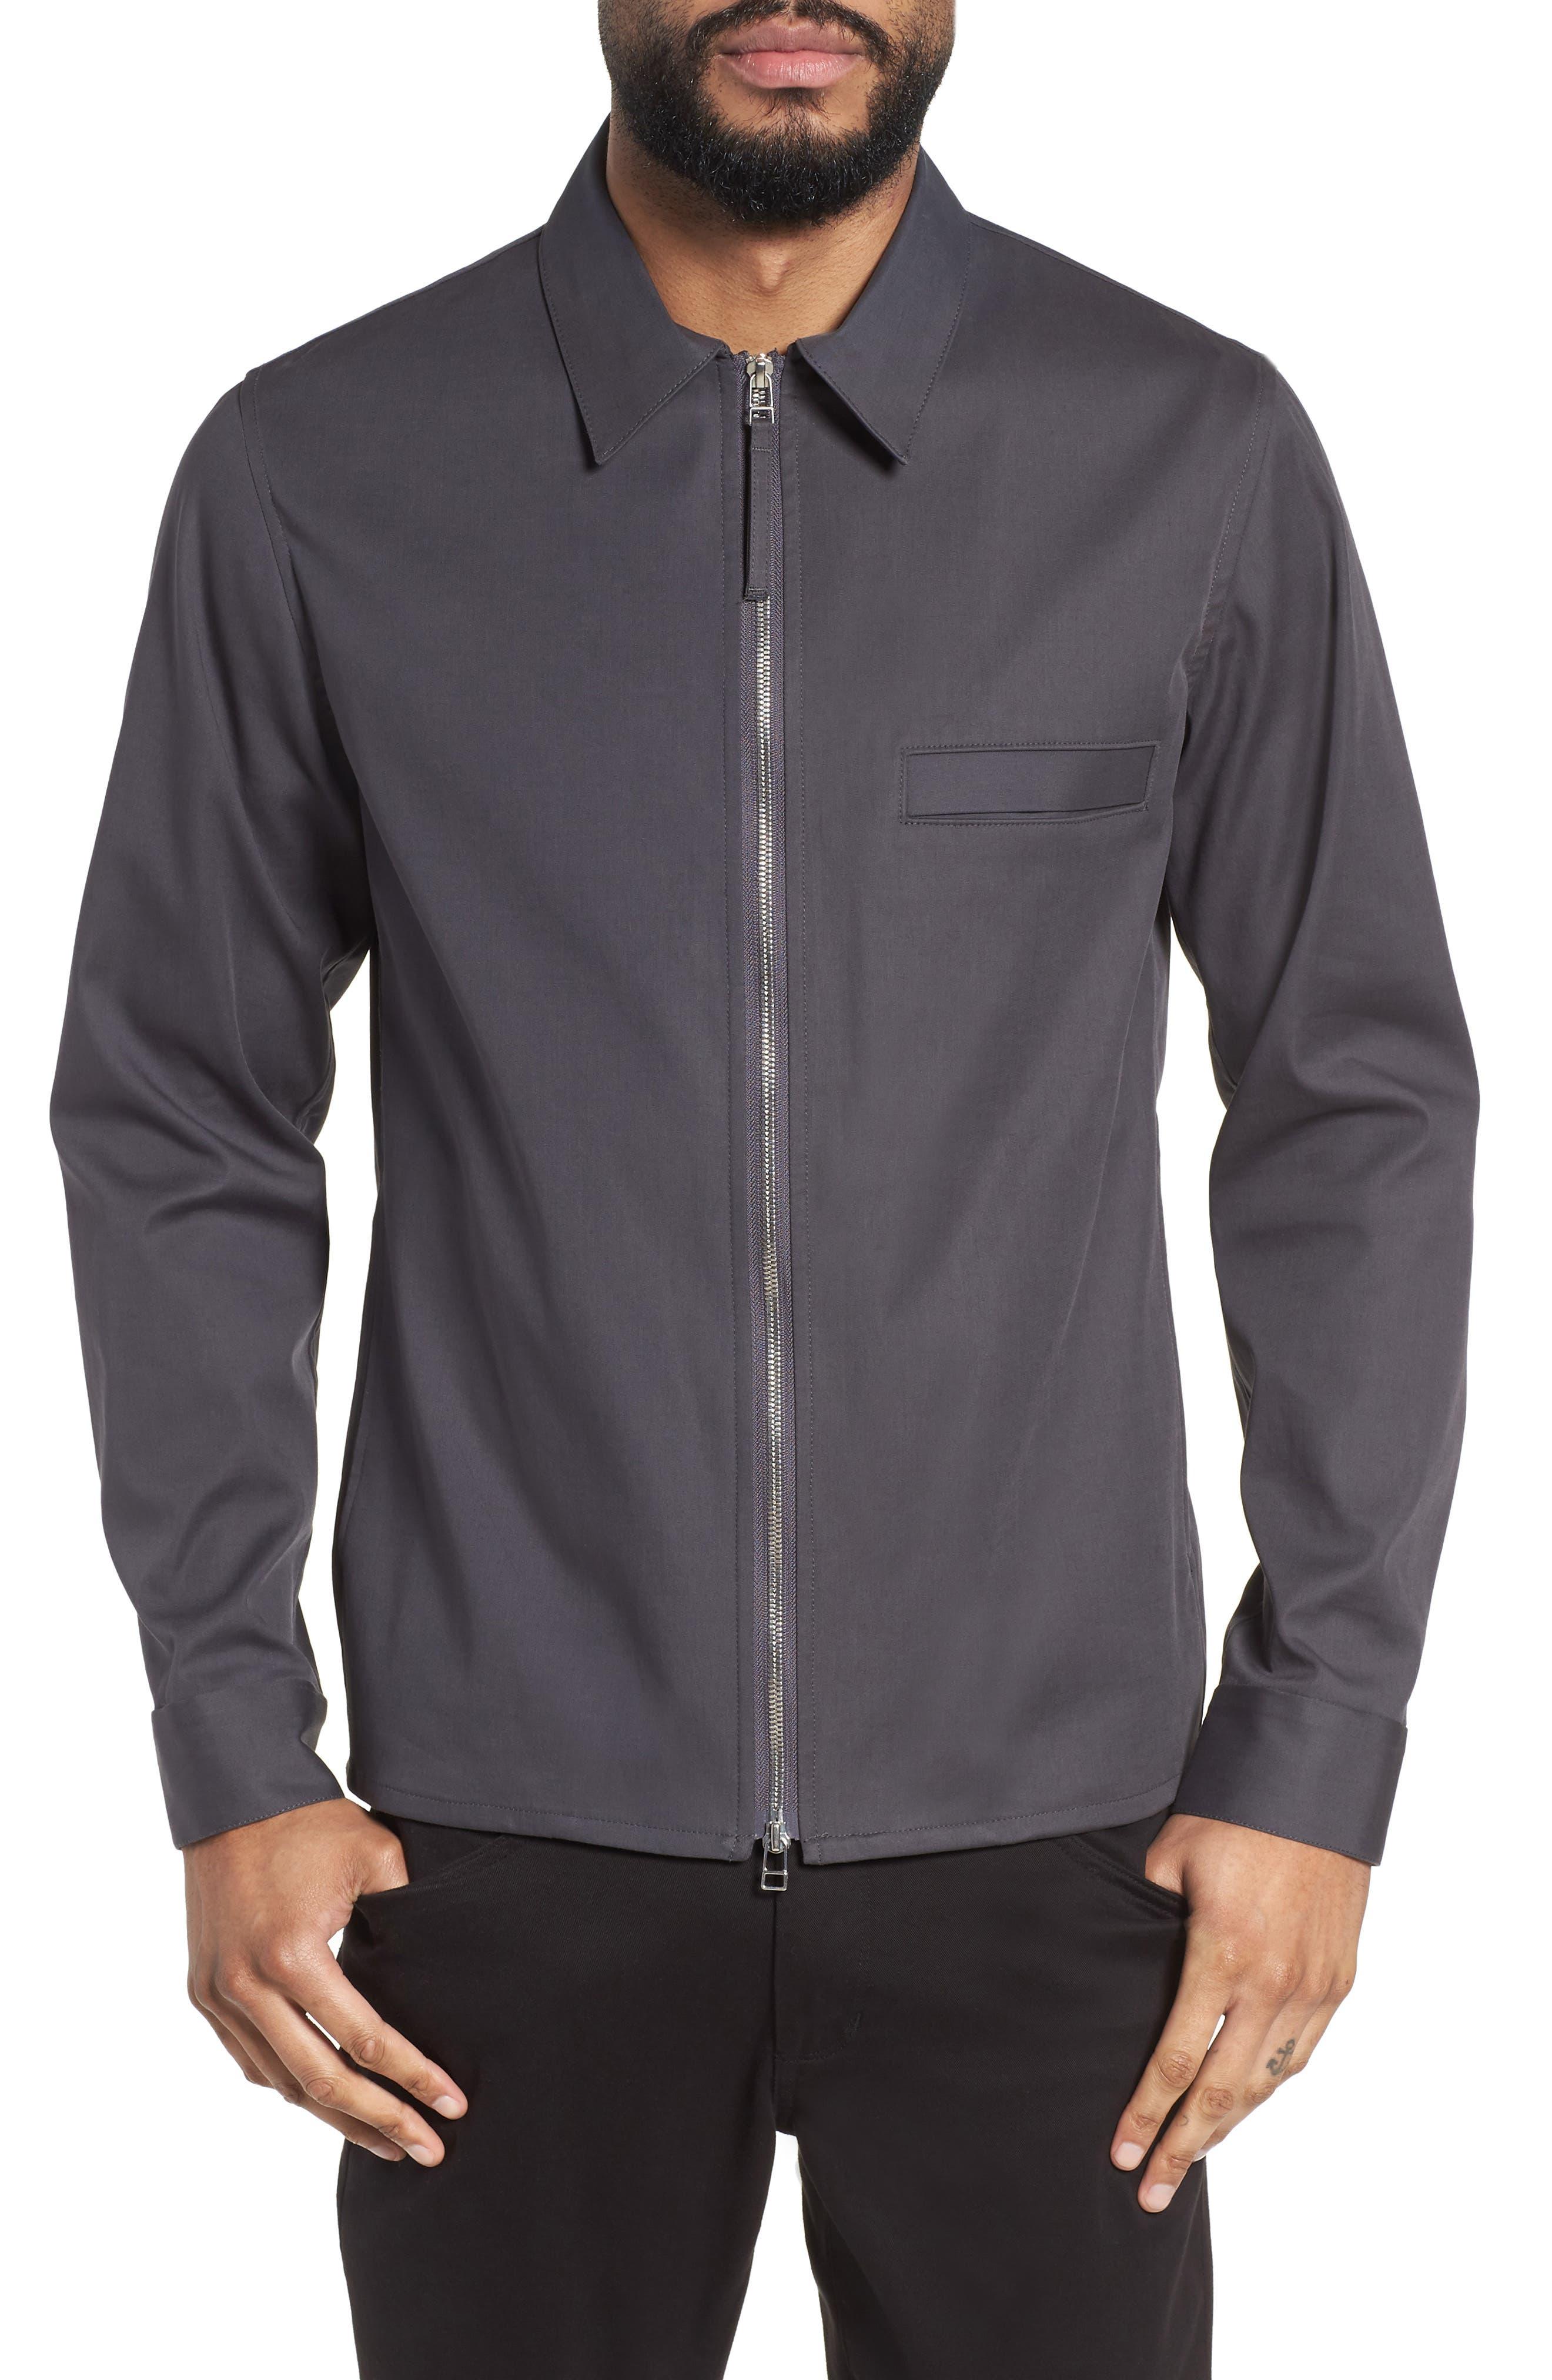 Main Image - Theory Rye Holtham Shirt Jacket